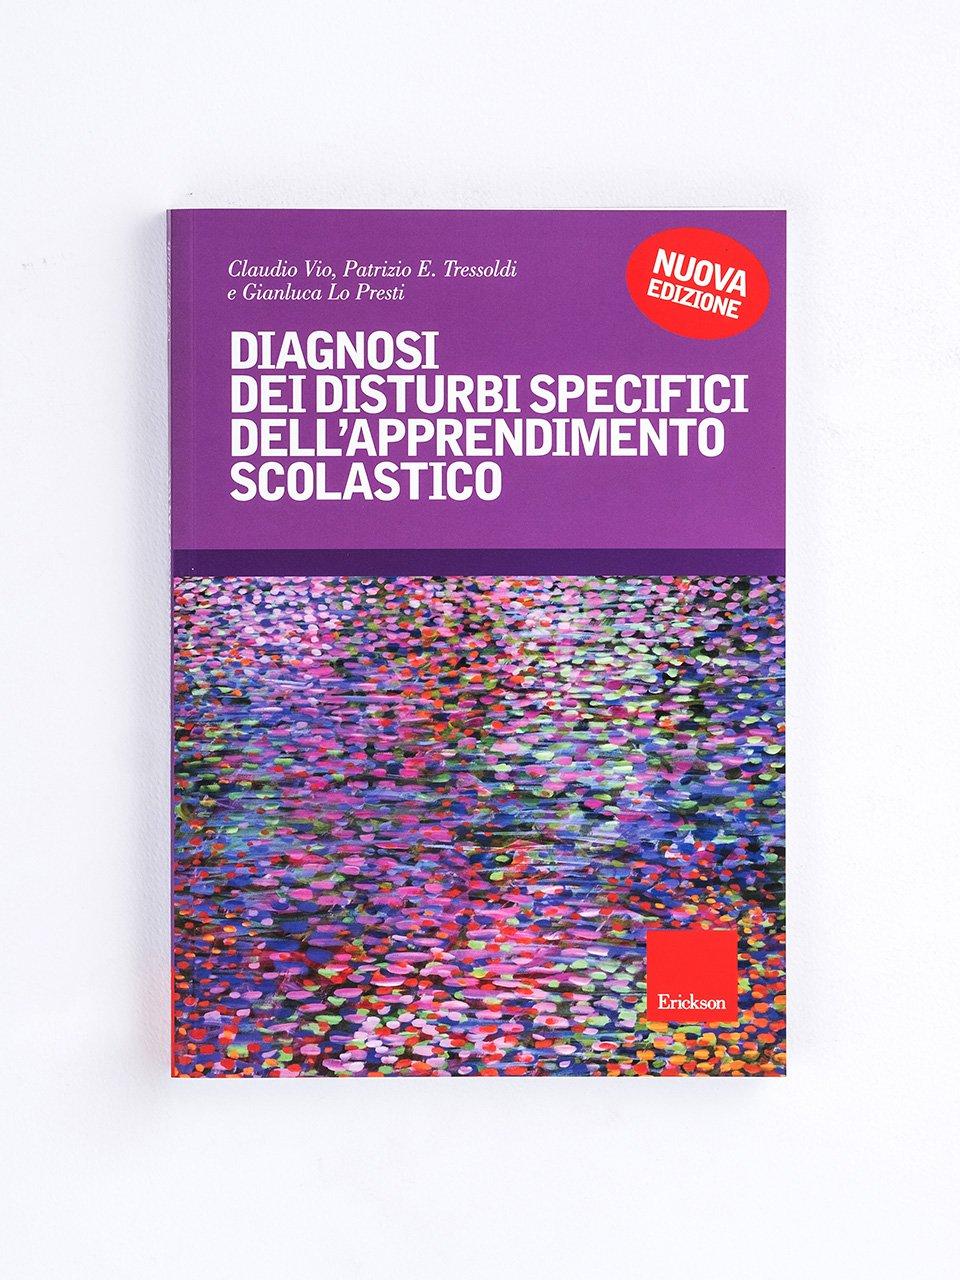 Diagnosi dei disturbi specifici dell'apprendimento scolastico - Disprassia e apprendimento - Libri - Erickson